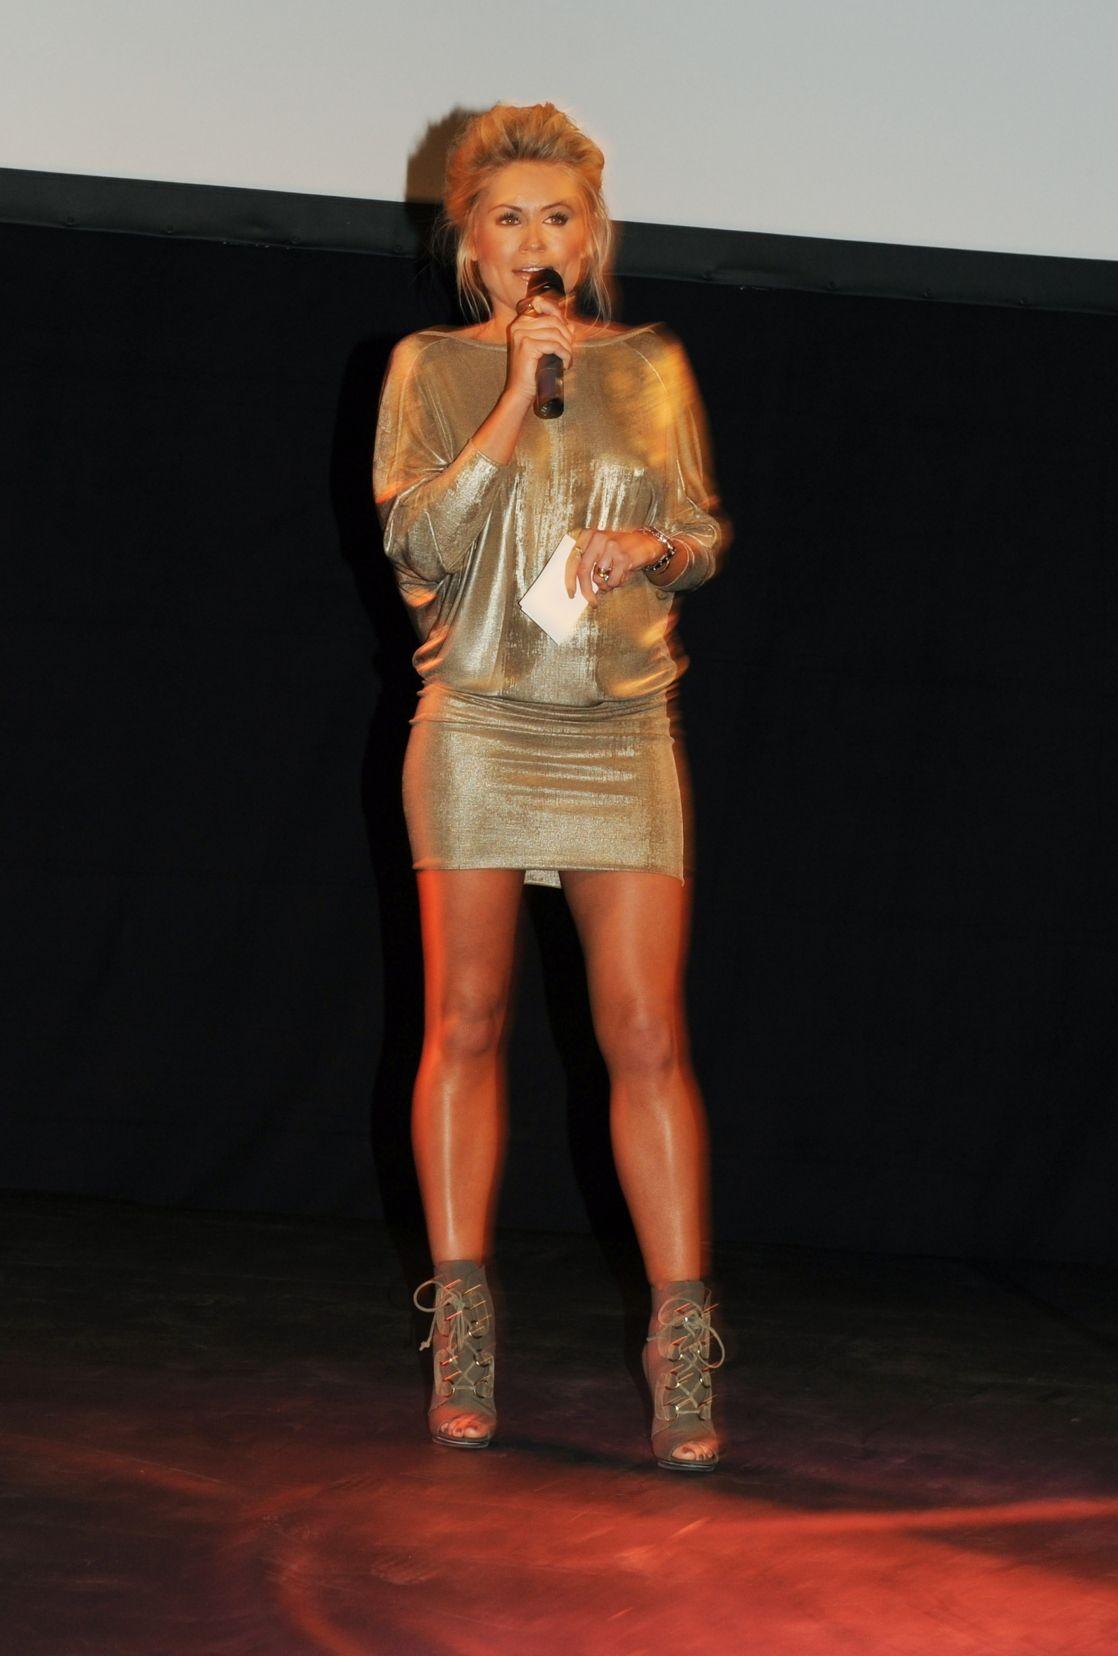 mini skirt mature   m & m s   pinterest   mini skirts, minis and woman